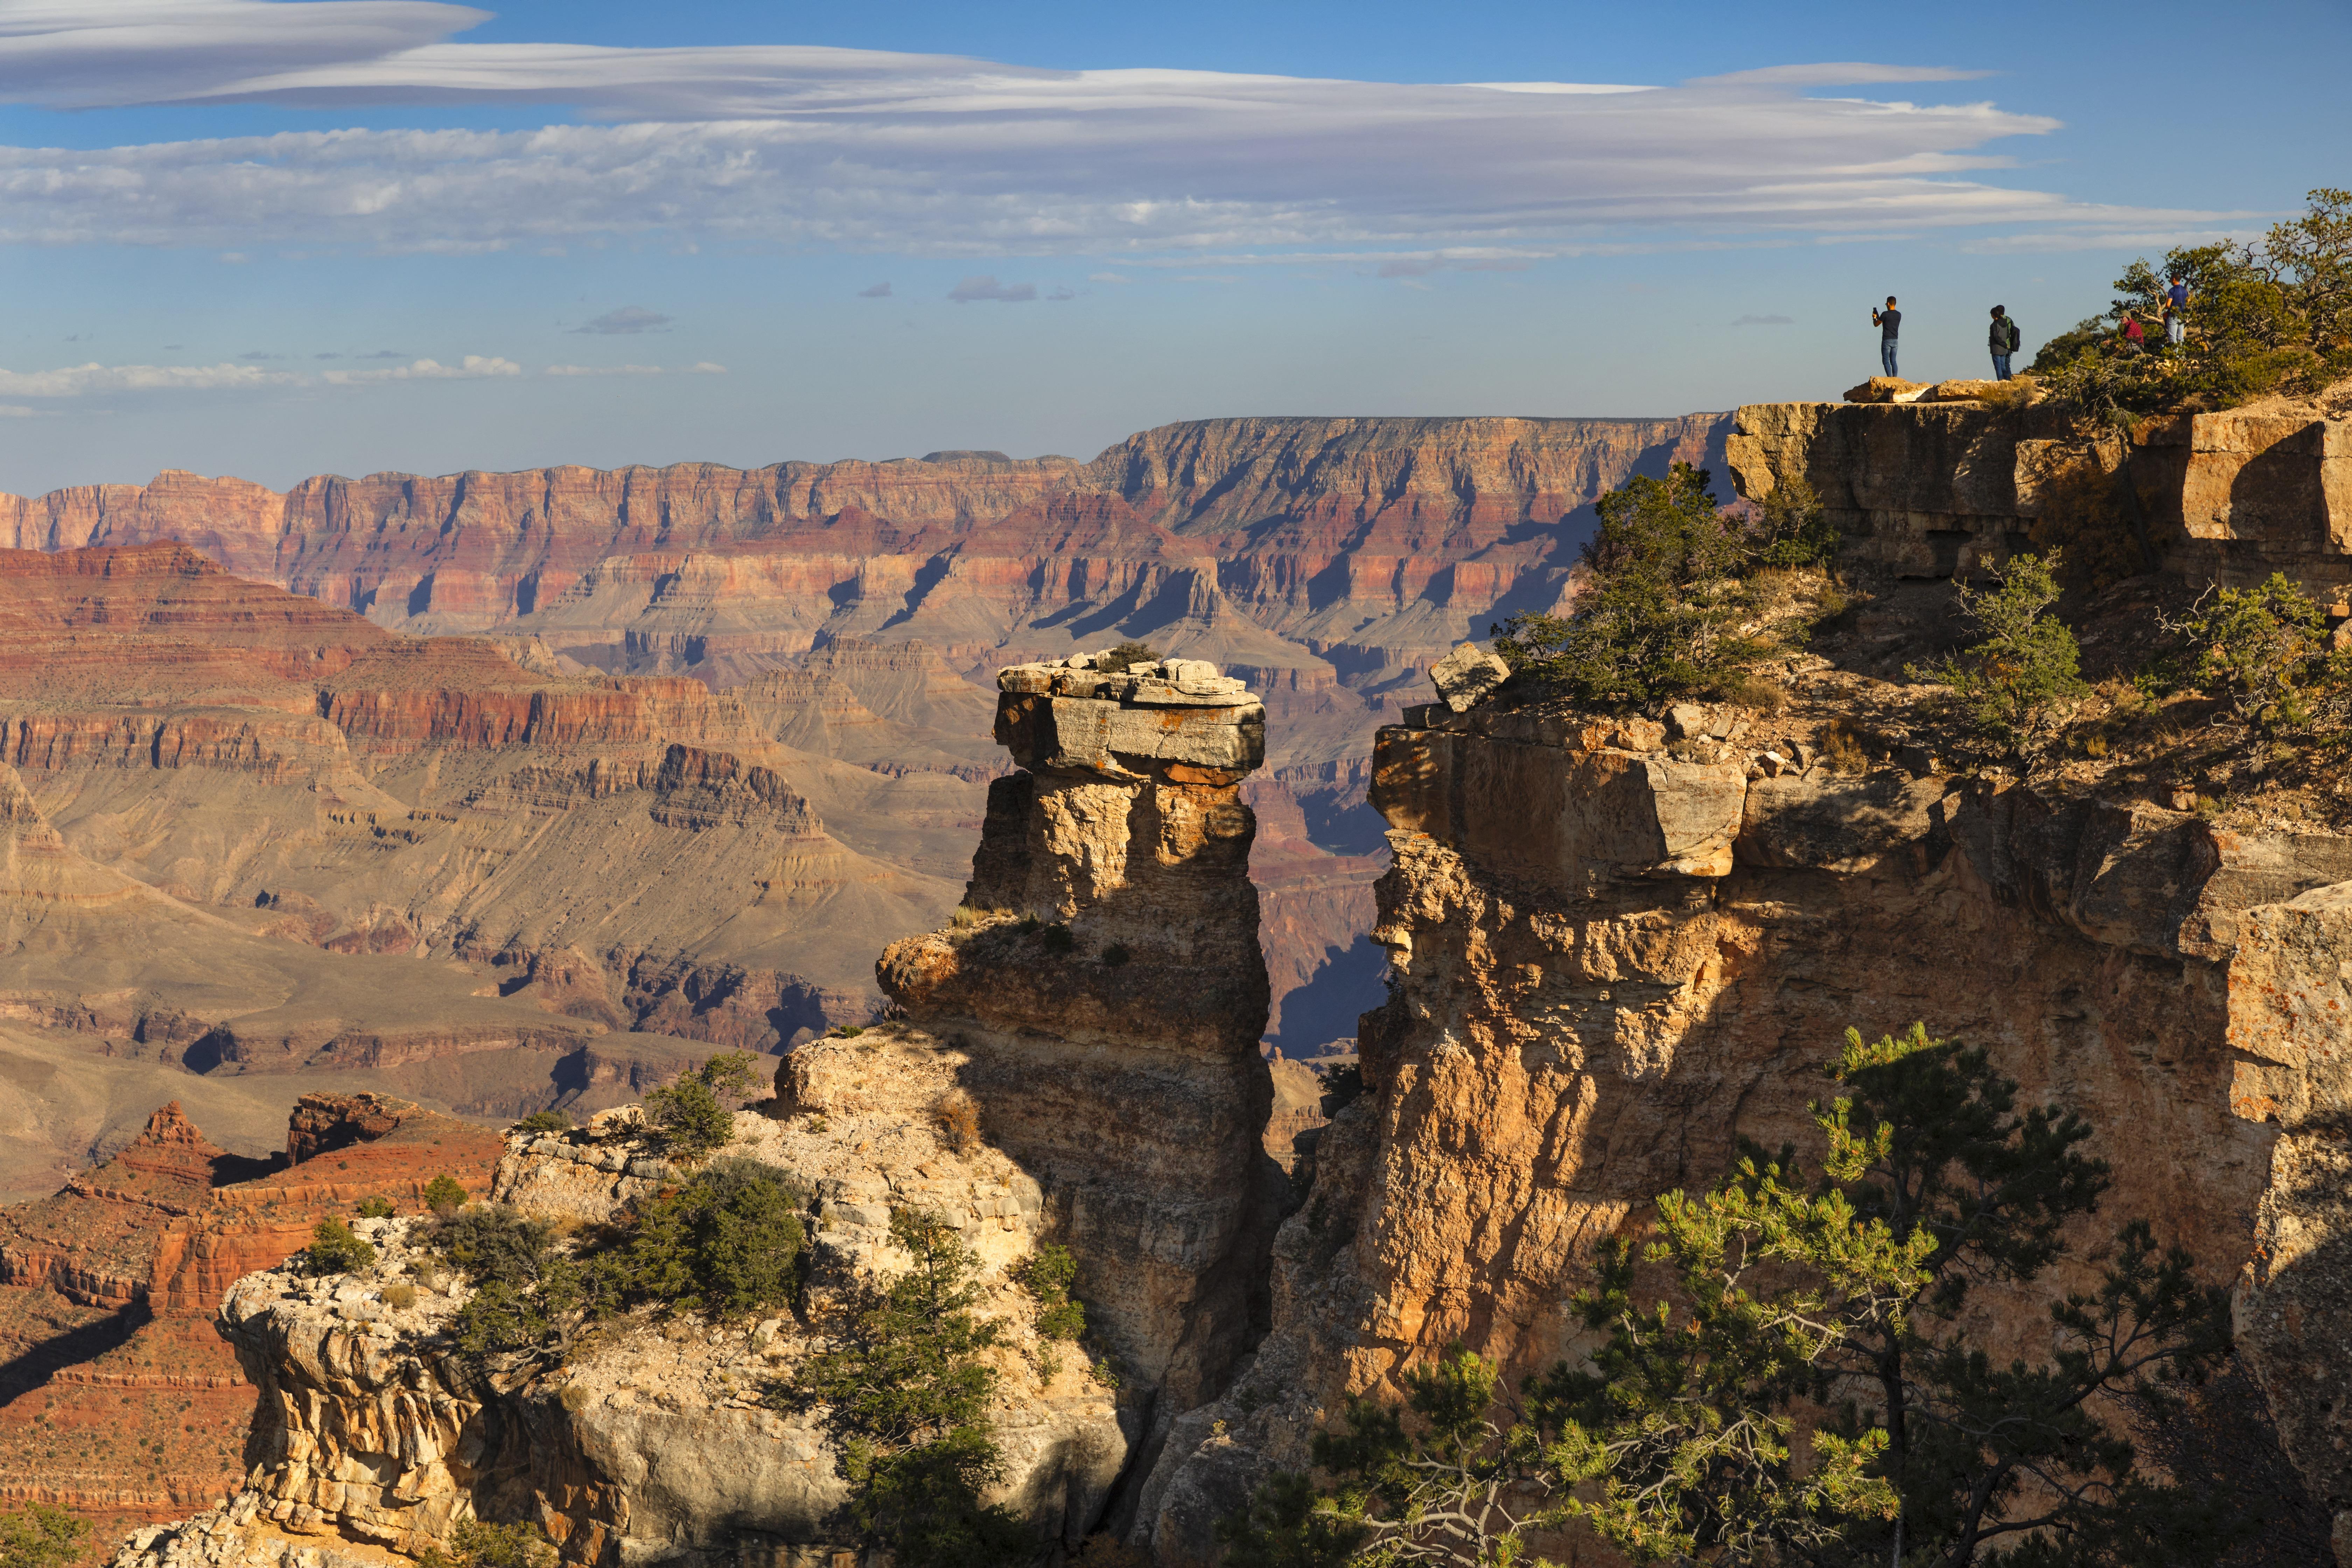 Eltűnt egy magyar turista a Grand Canyon Nemzeti Parkban, keresik